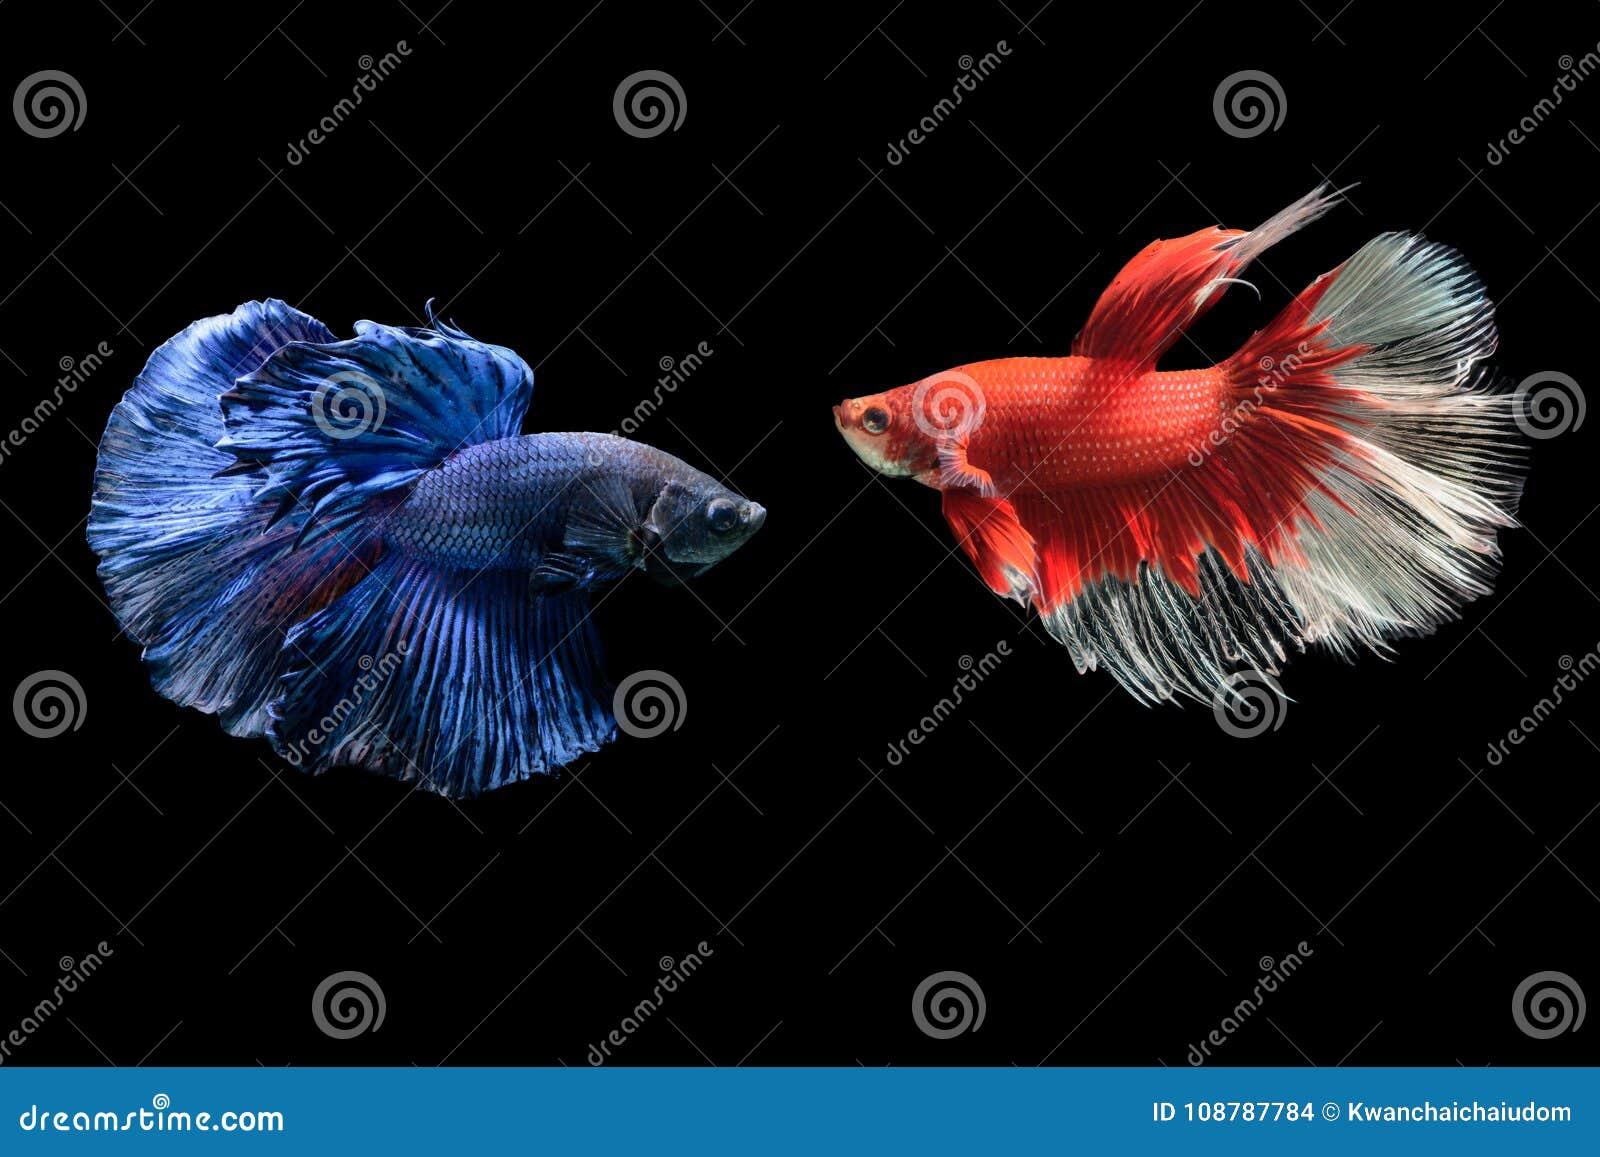 Μπλε και κόκκινα σιαμέζα ψάρια πάλης, betta splendens